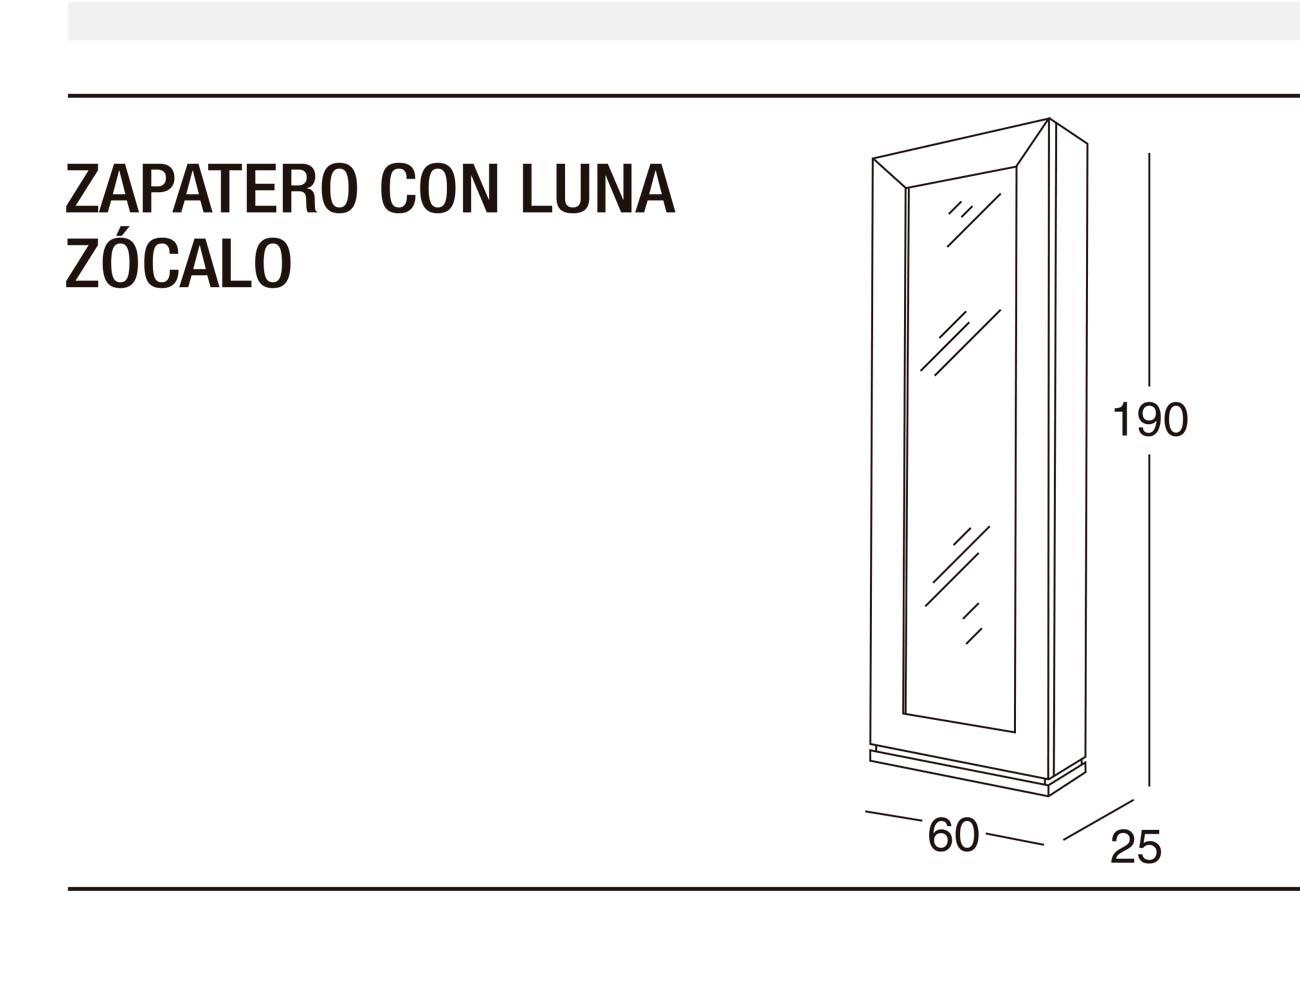 Zapatero luna z 60x190x25